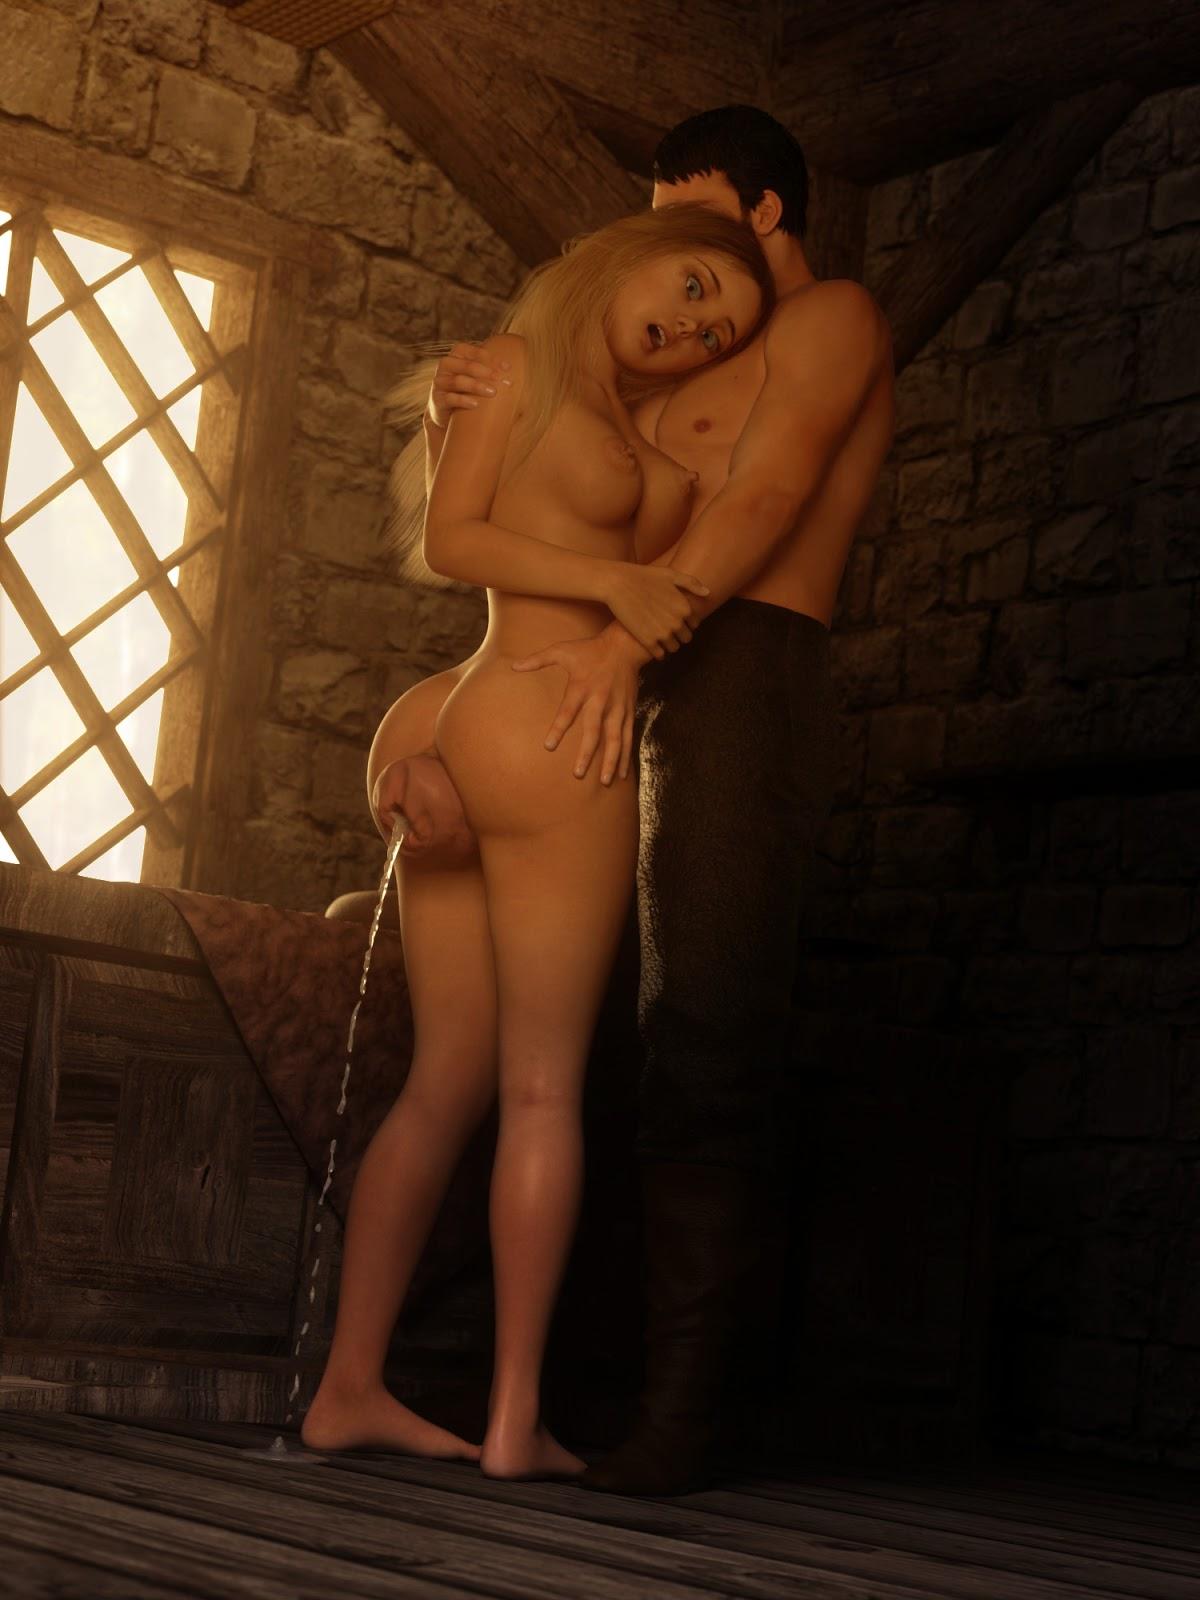 svscomics blog - free porn comics: epic free porn comics in 3d from